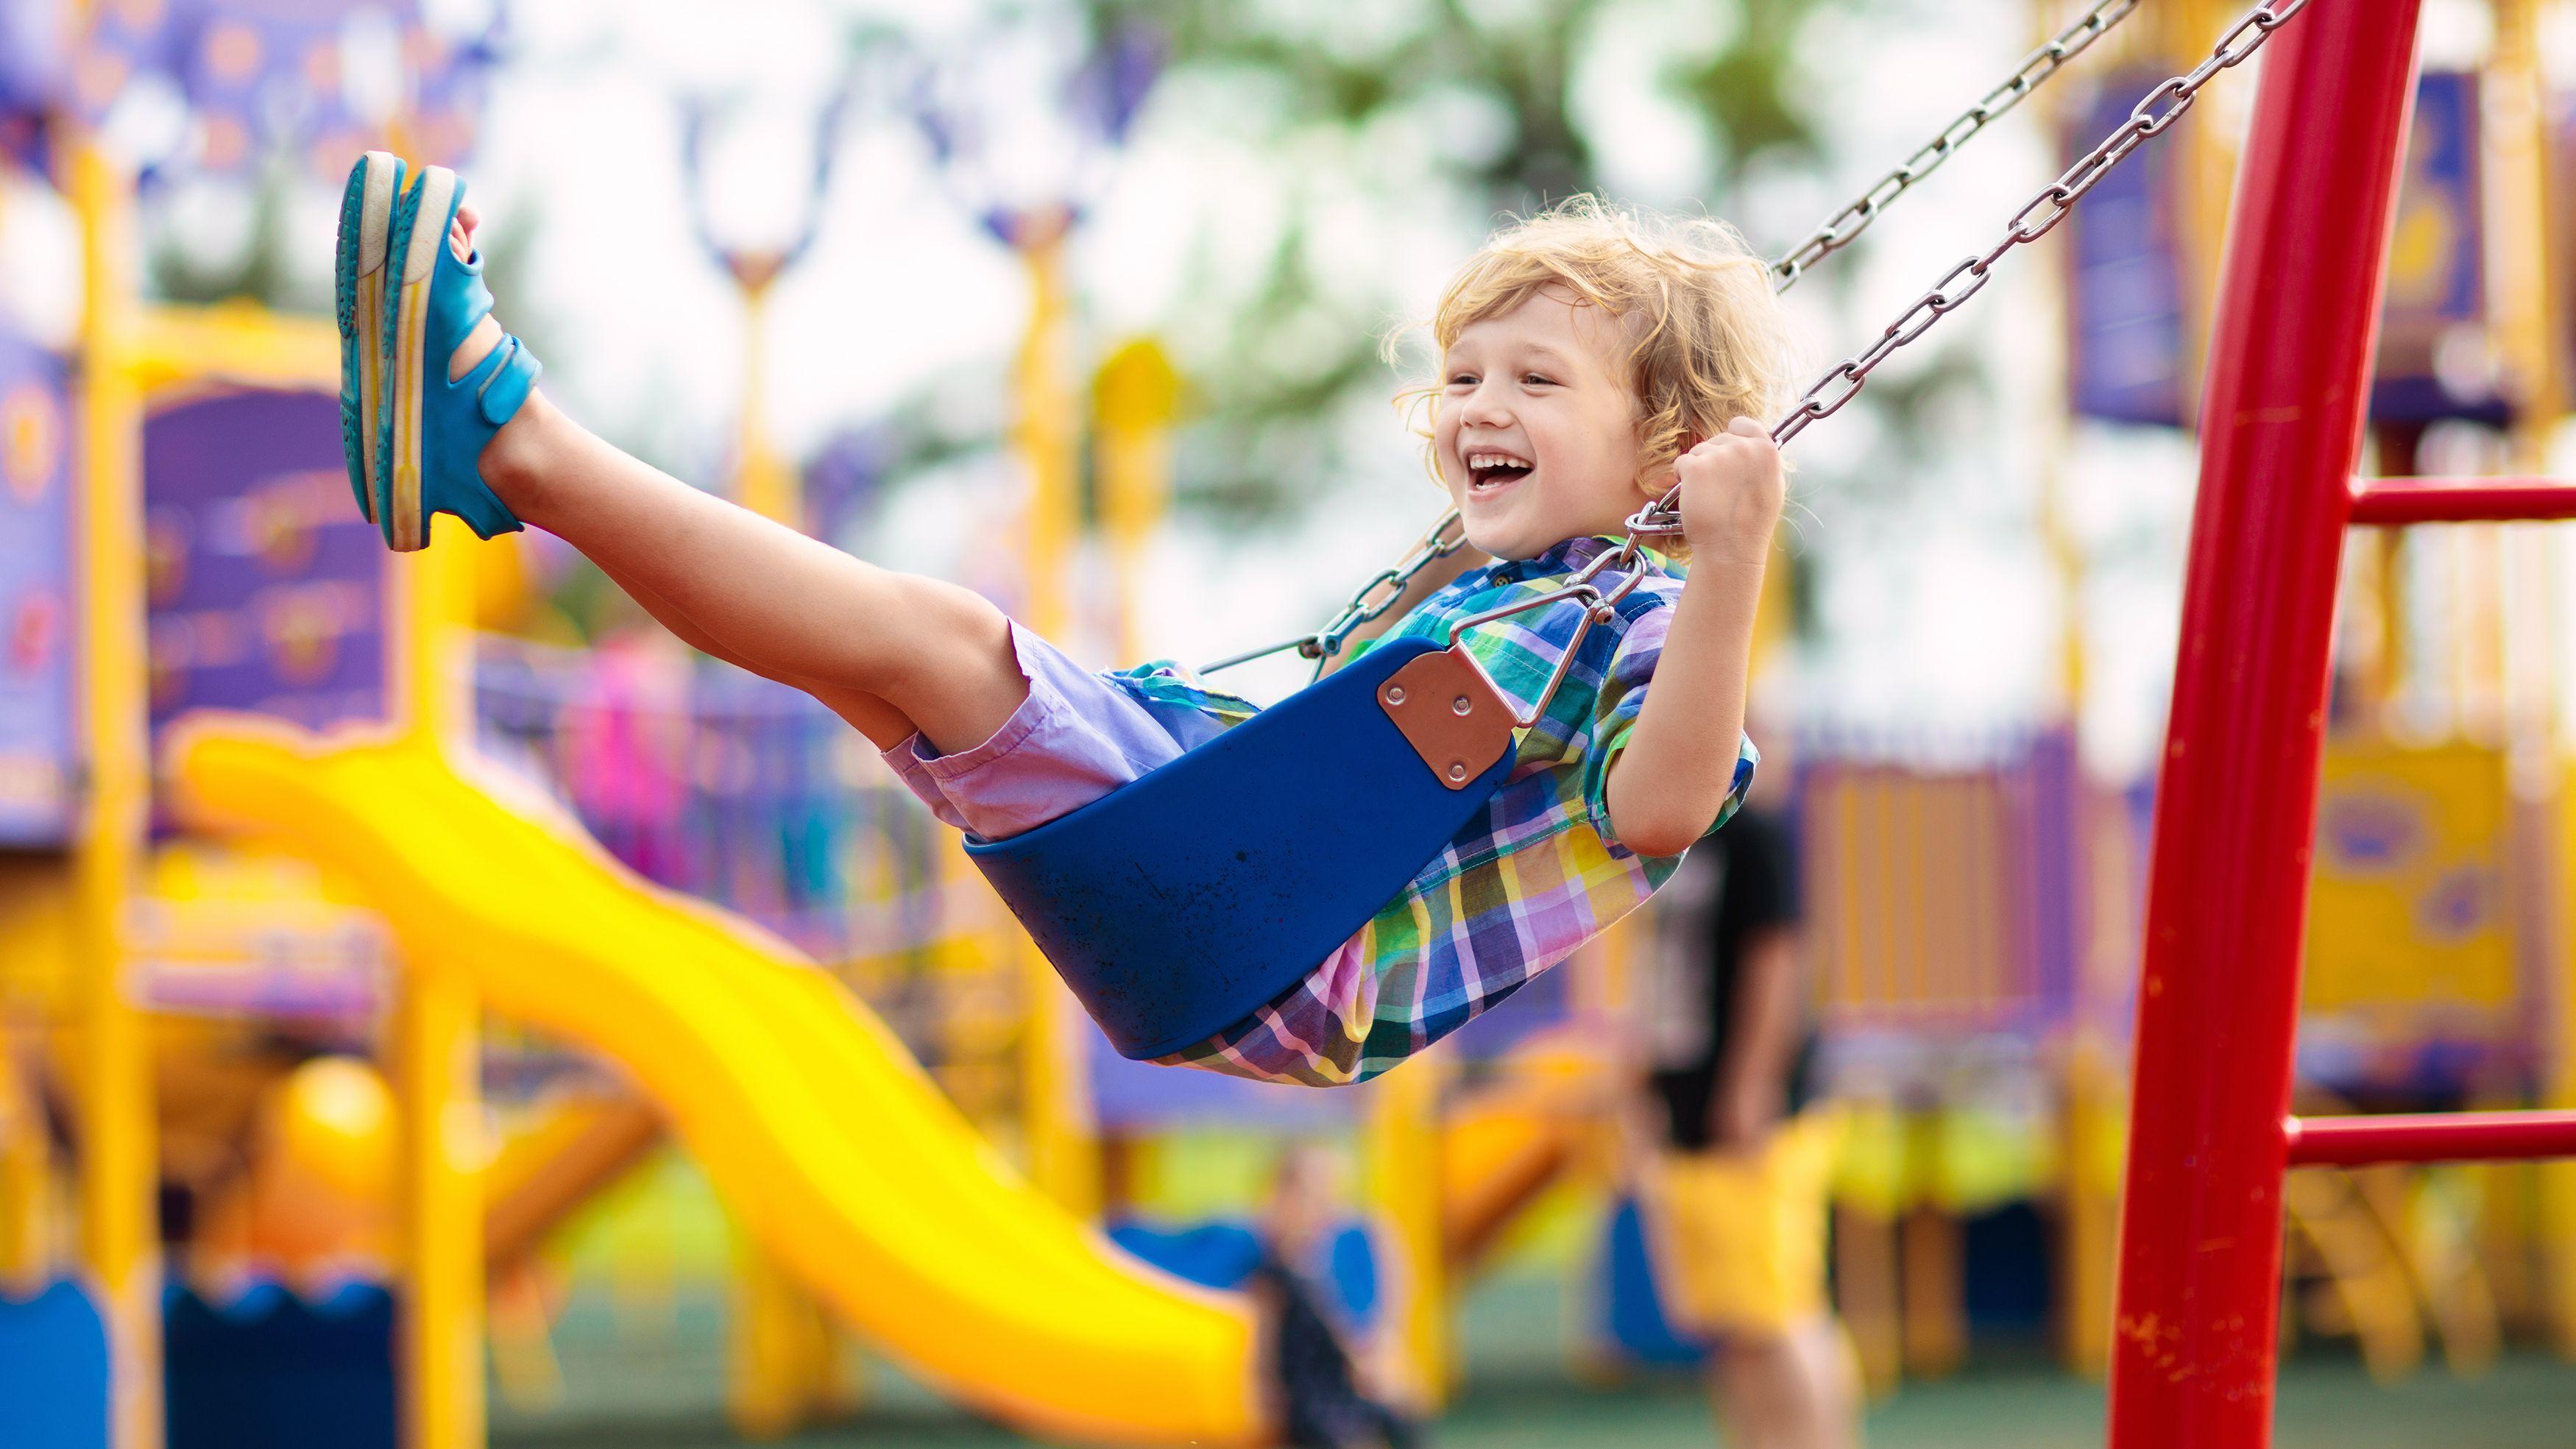 Trampoline, toboggan, balançoire : le top 3 des jeux plein air pour enfants